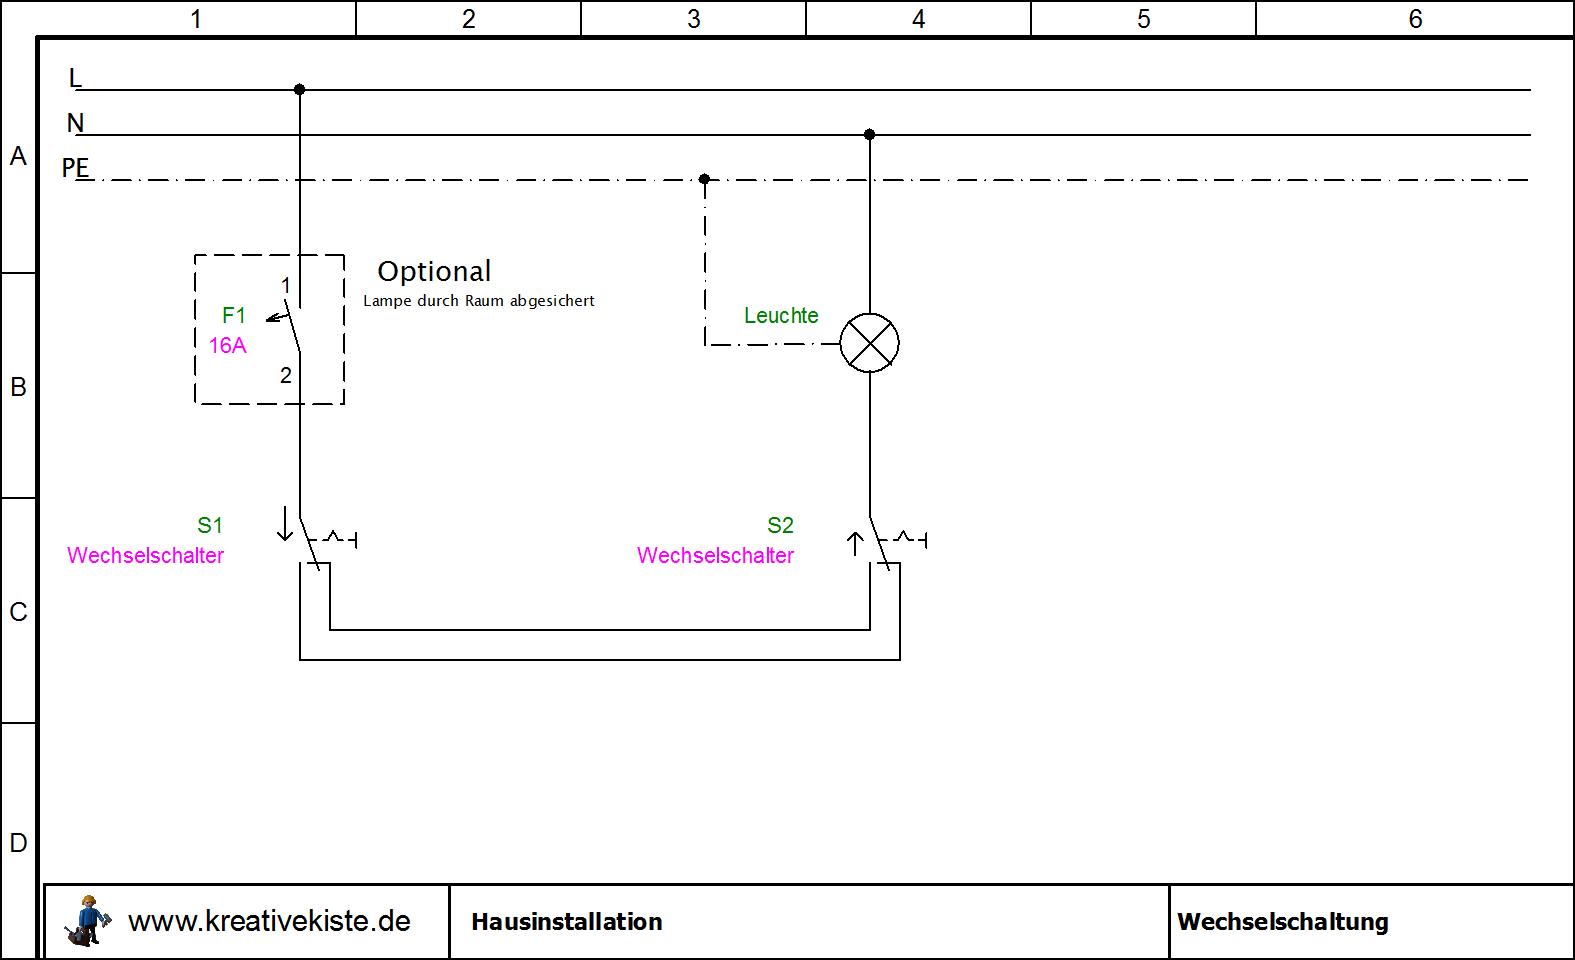 hausinstallation schaltpl ne. Black Bedroom Furniture Sets. Home Design Ideas